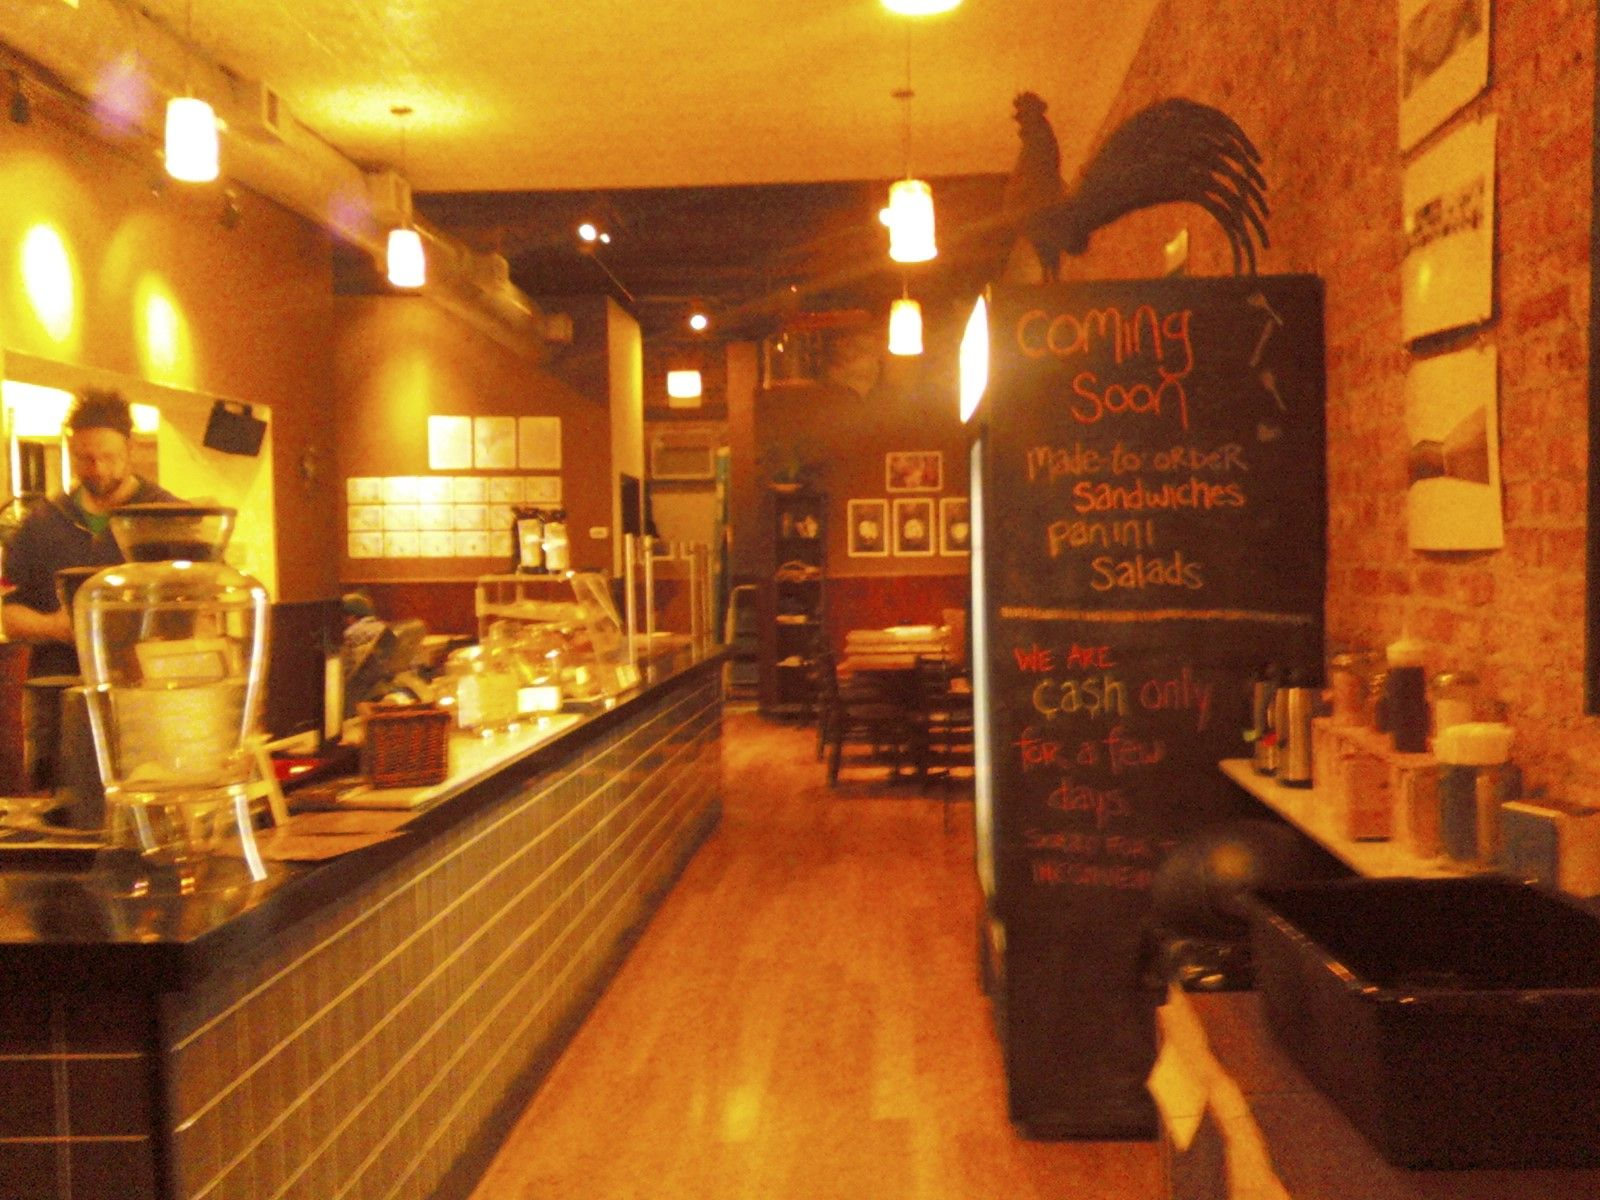 ukr. village bagel shop (With images) Bagel shop, Coffee